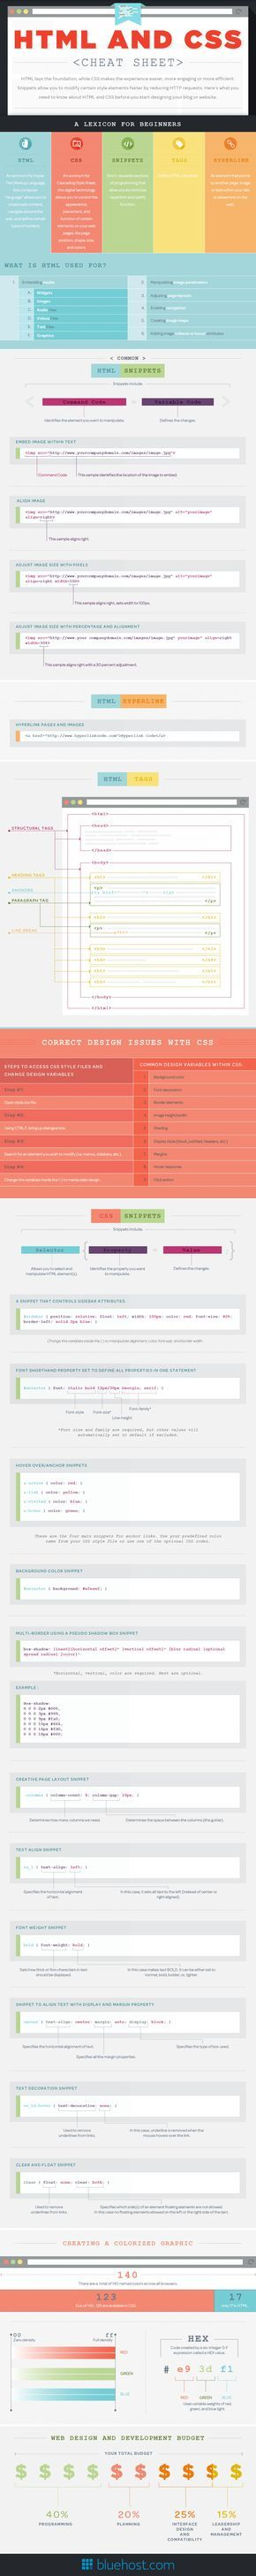 Código HTML. Código usado para la elaboración de las páginas web. #HTML #Páginas #Web